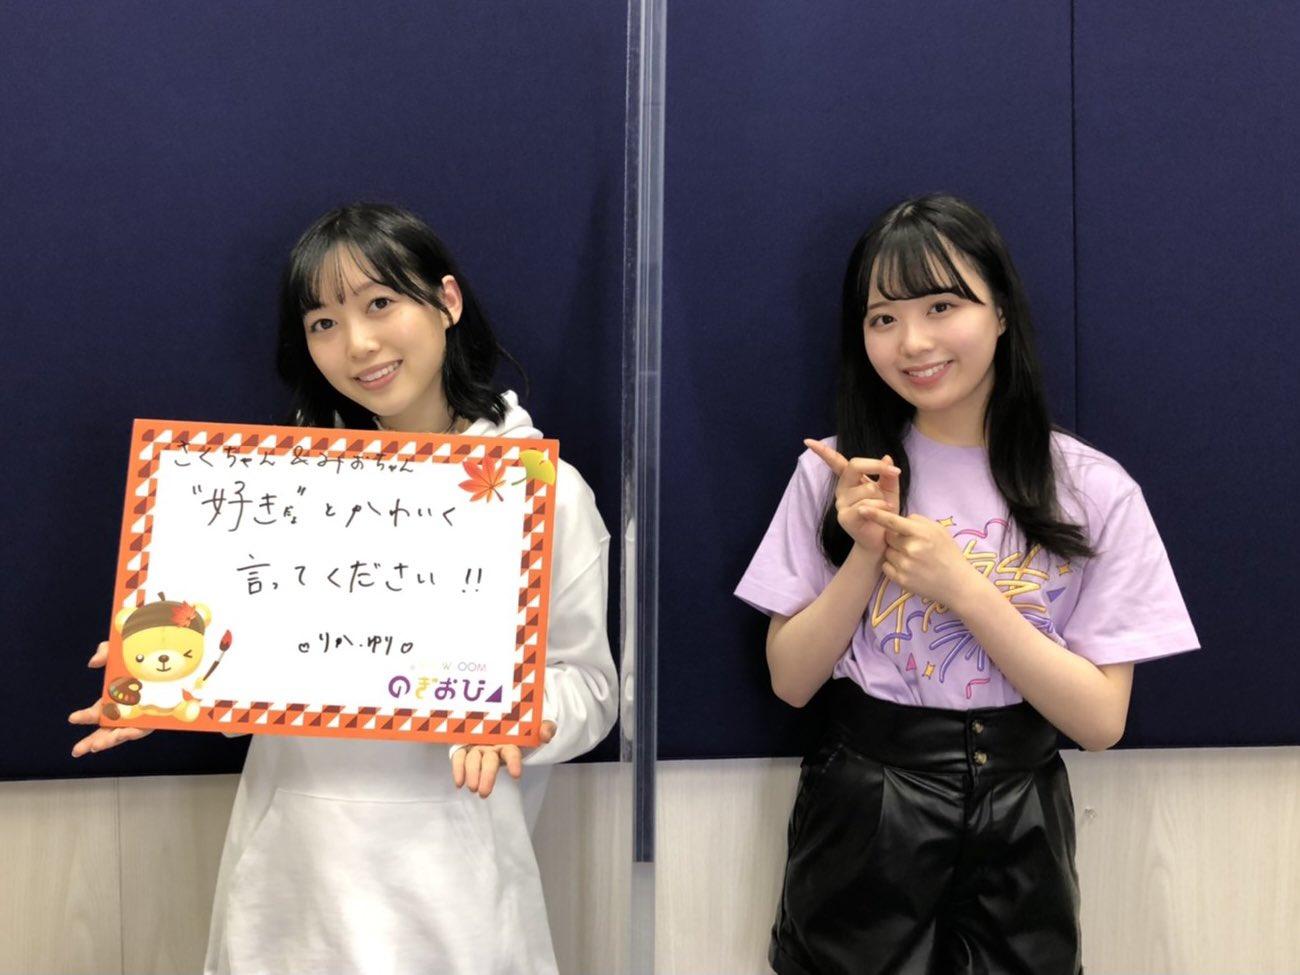 乃木坂46 4期生ライブ2020 Tシャツ 佐藤璃果